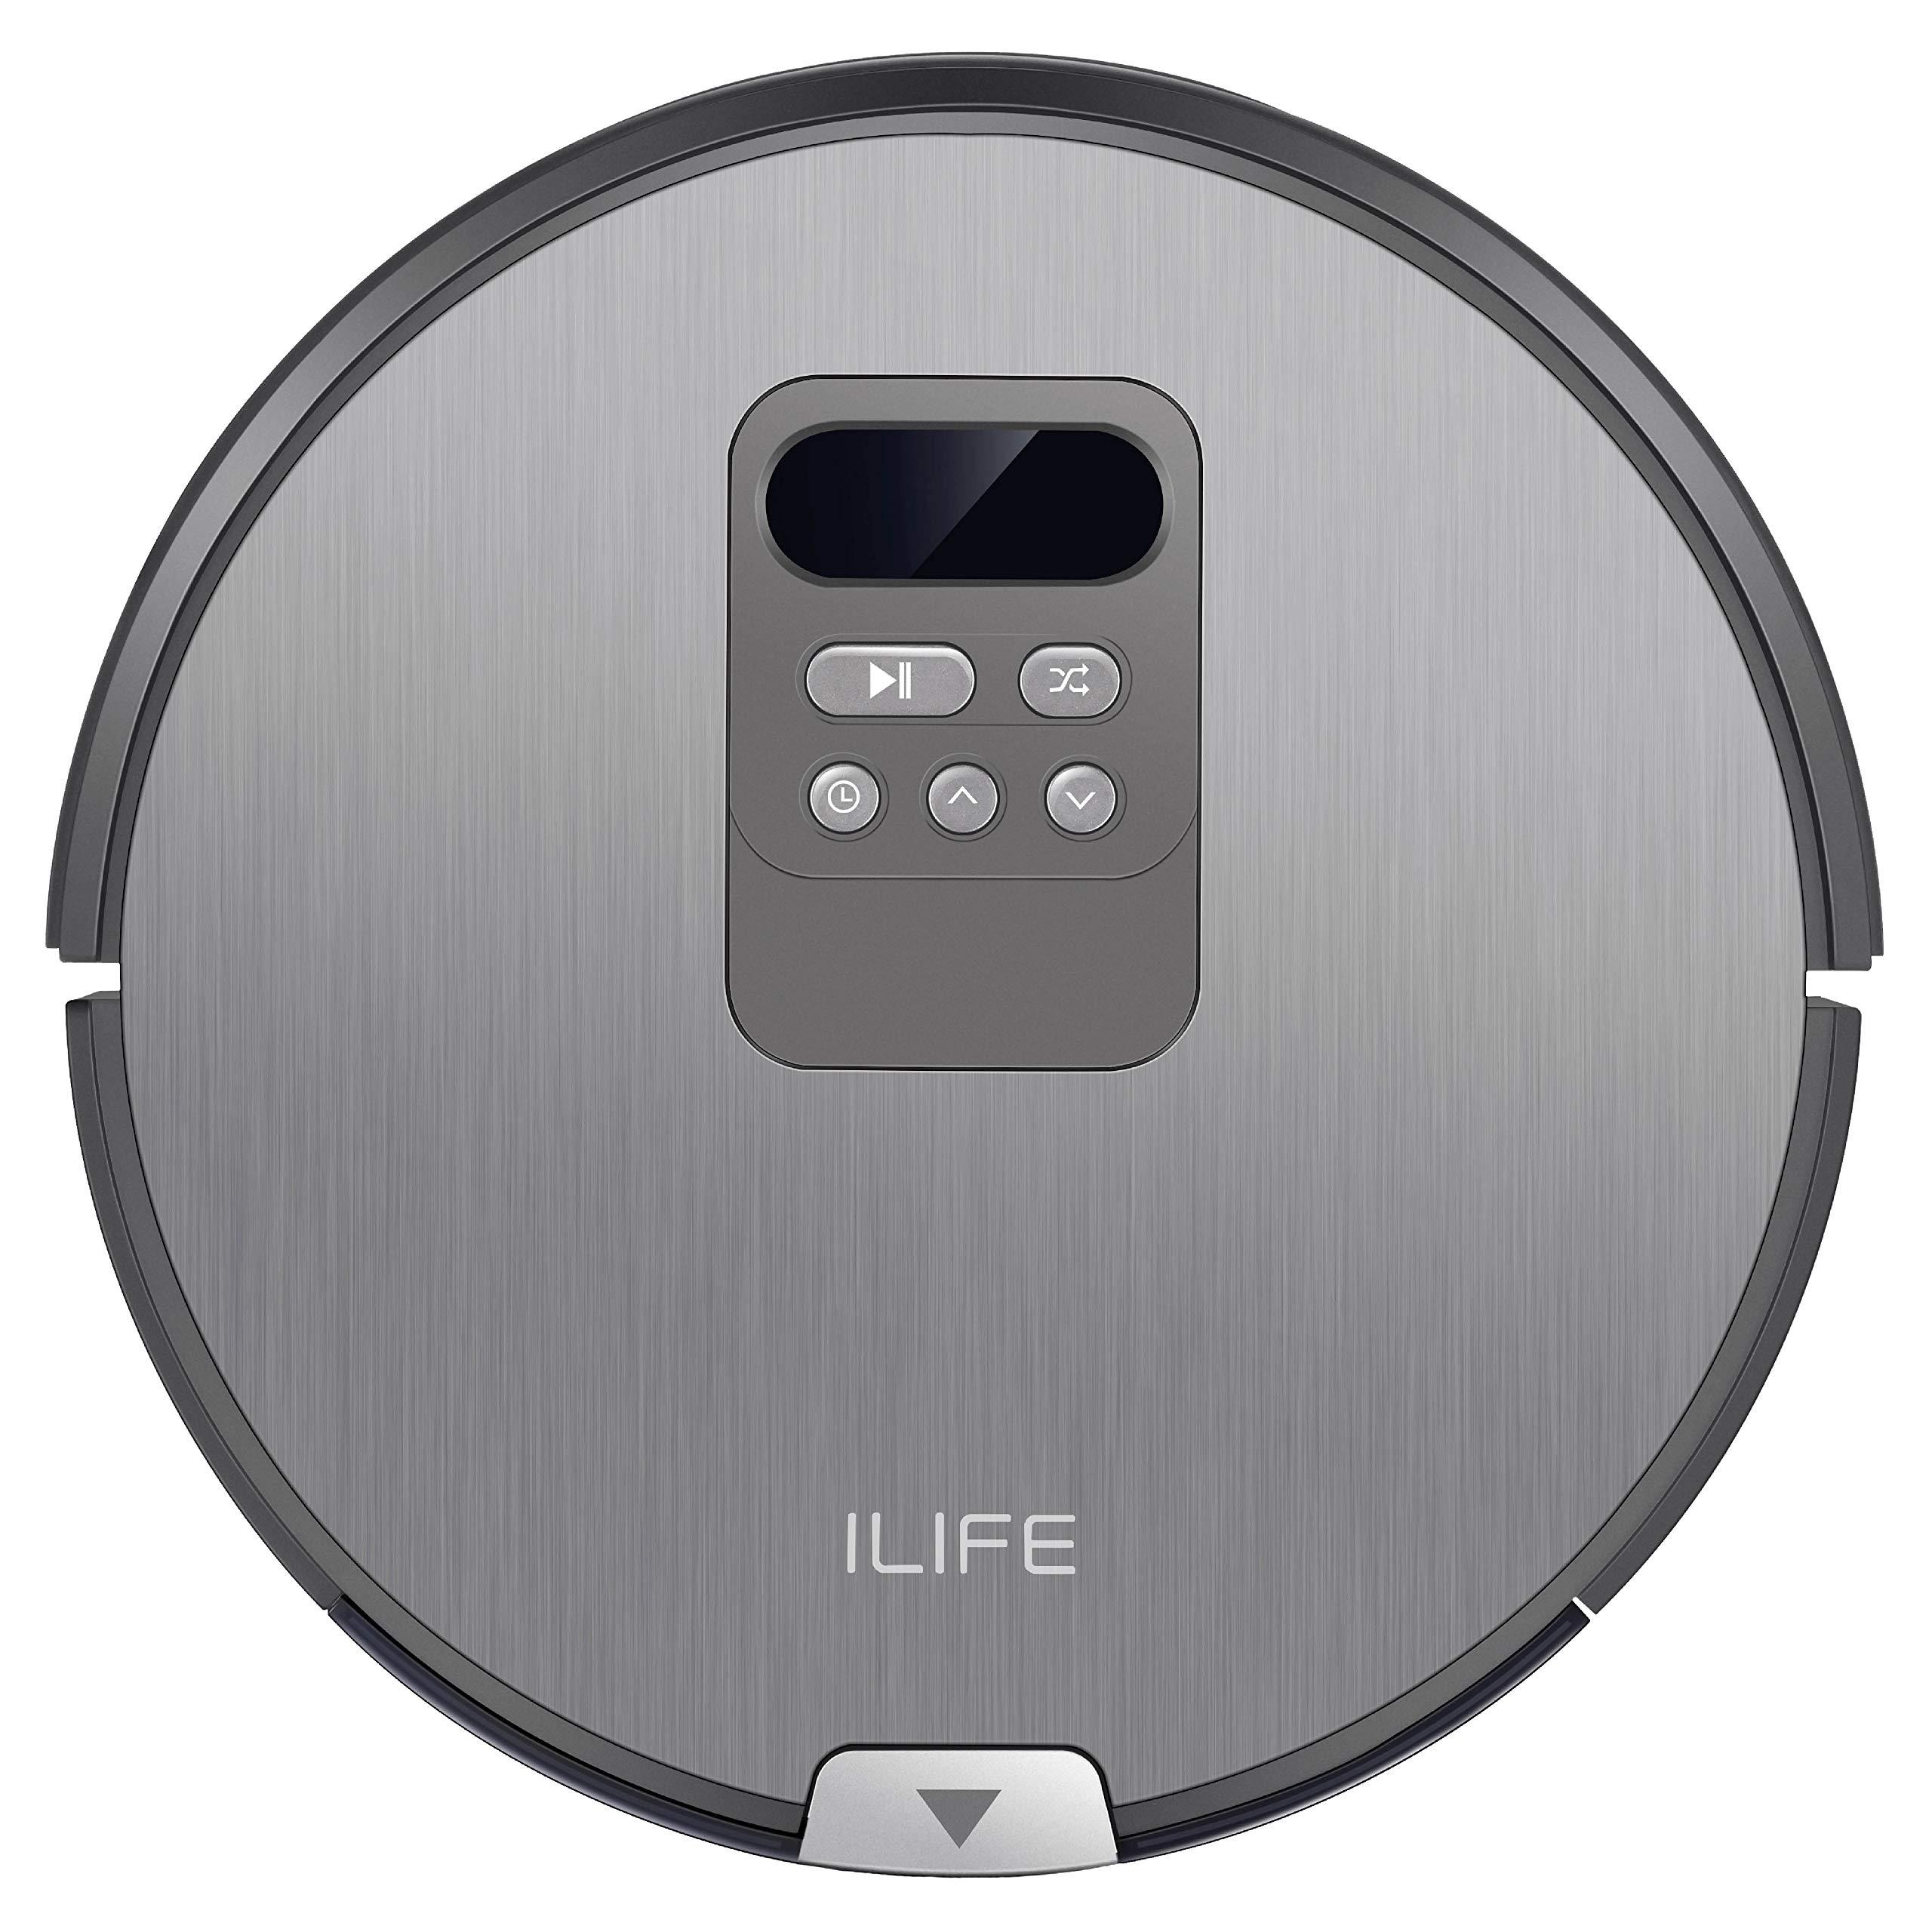 ILIFE V80 Saugroboter mit Wischfunktion | intelligente Navigation | 8cm flach | für alle Böden | über 2 Stunden Laufzeit…